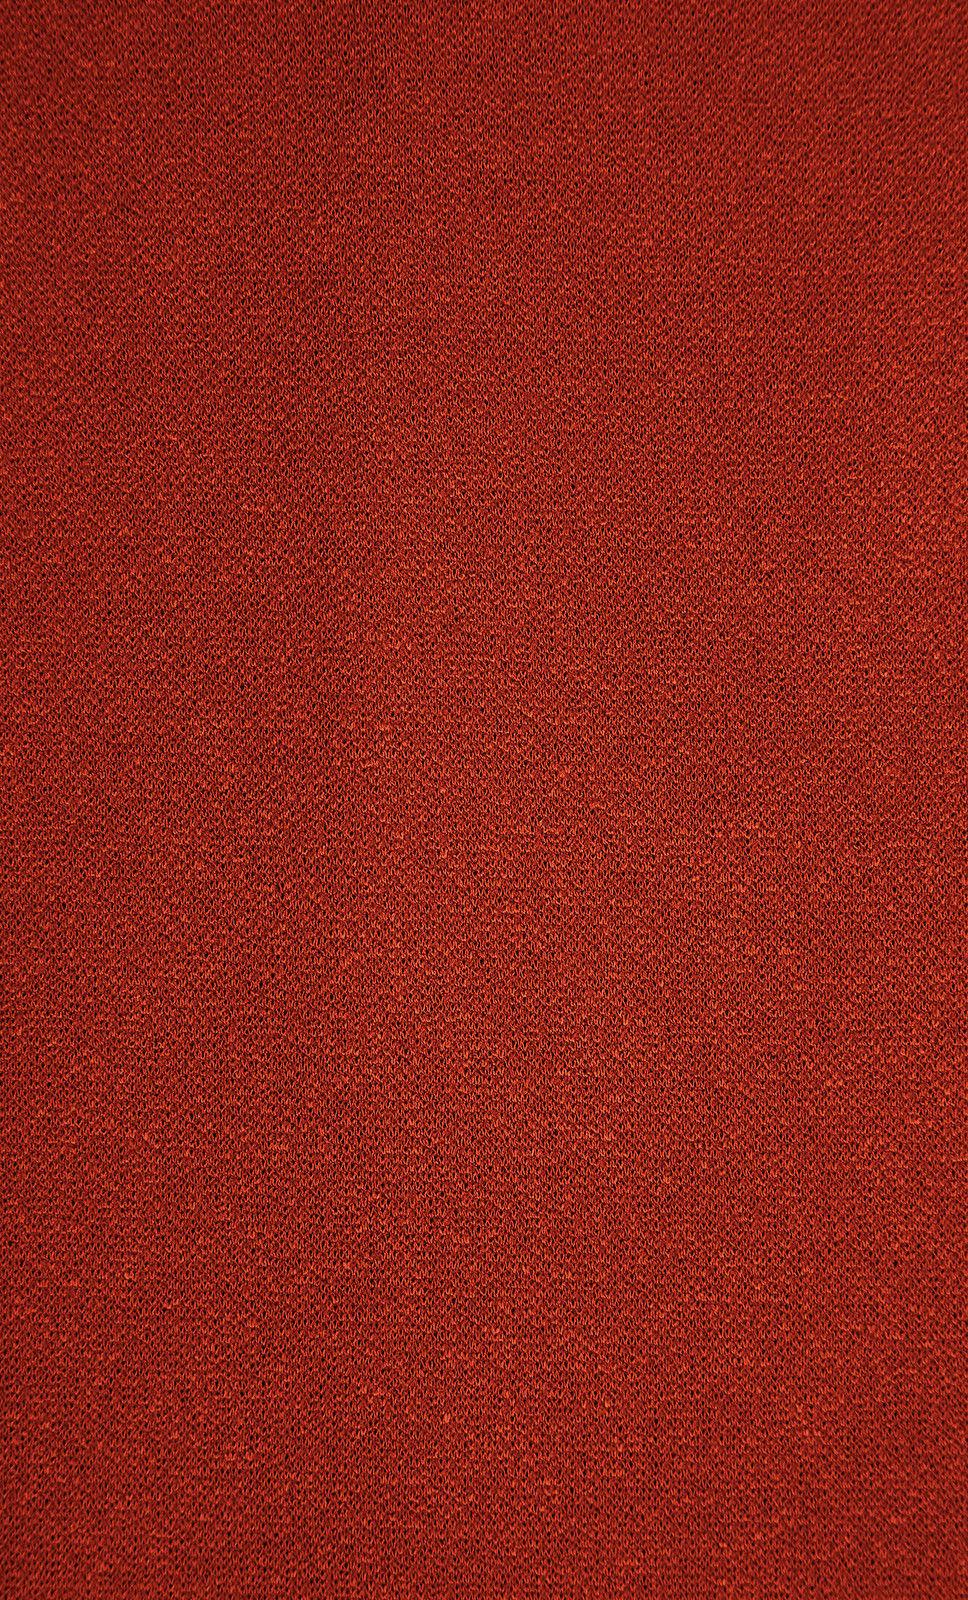 Milano-Crepe-Rio-Red